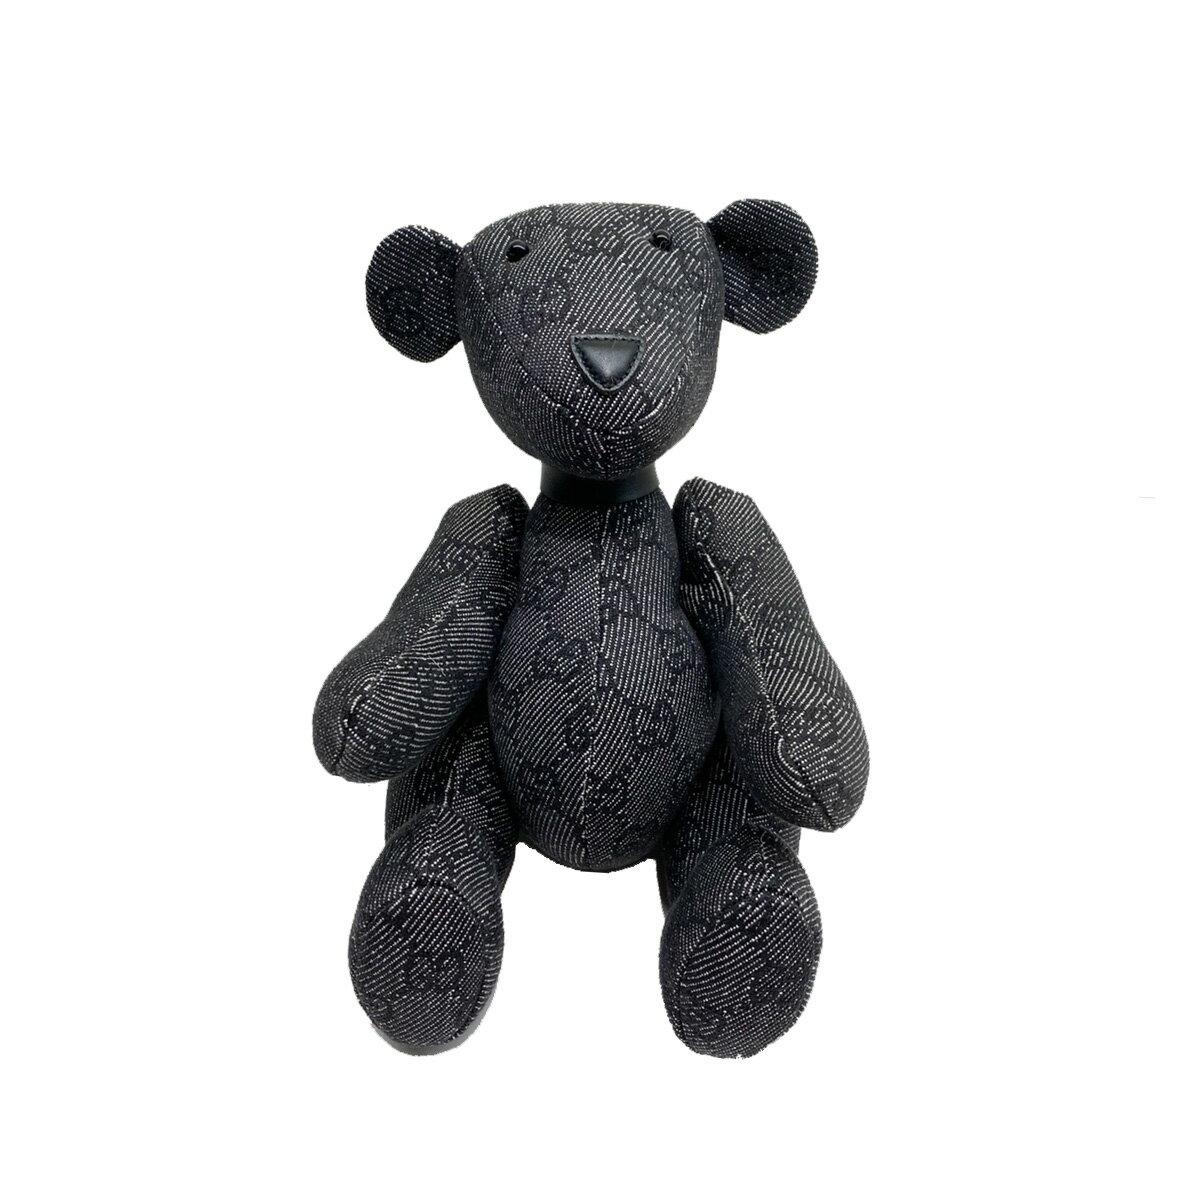 ぬいぐるみ・人形, ぬいぐるみ GUCCI GG GG-CANVAS Black used:A